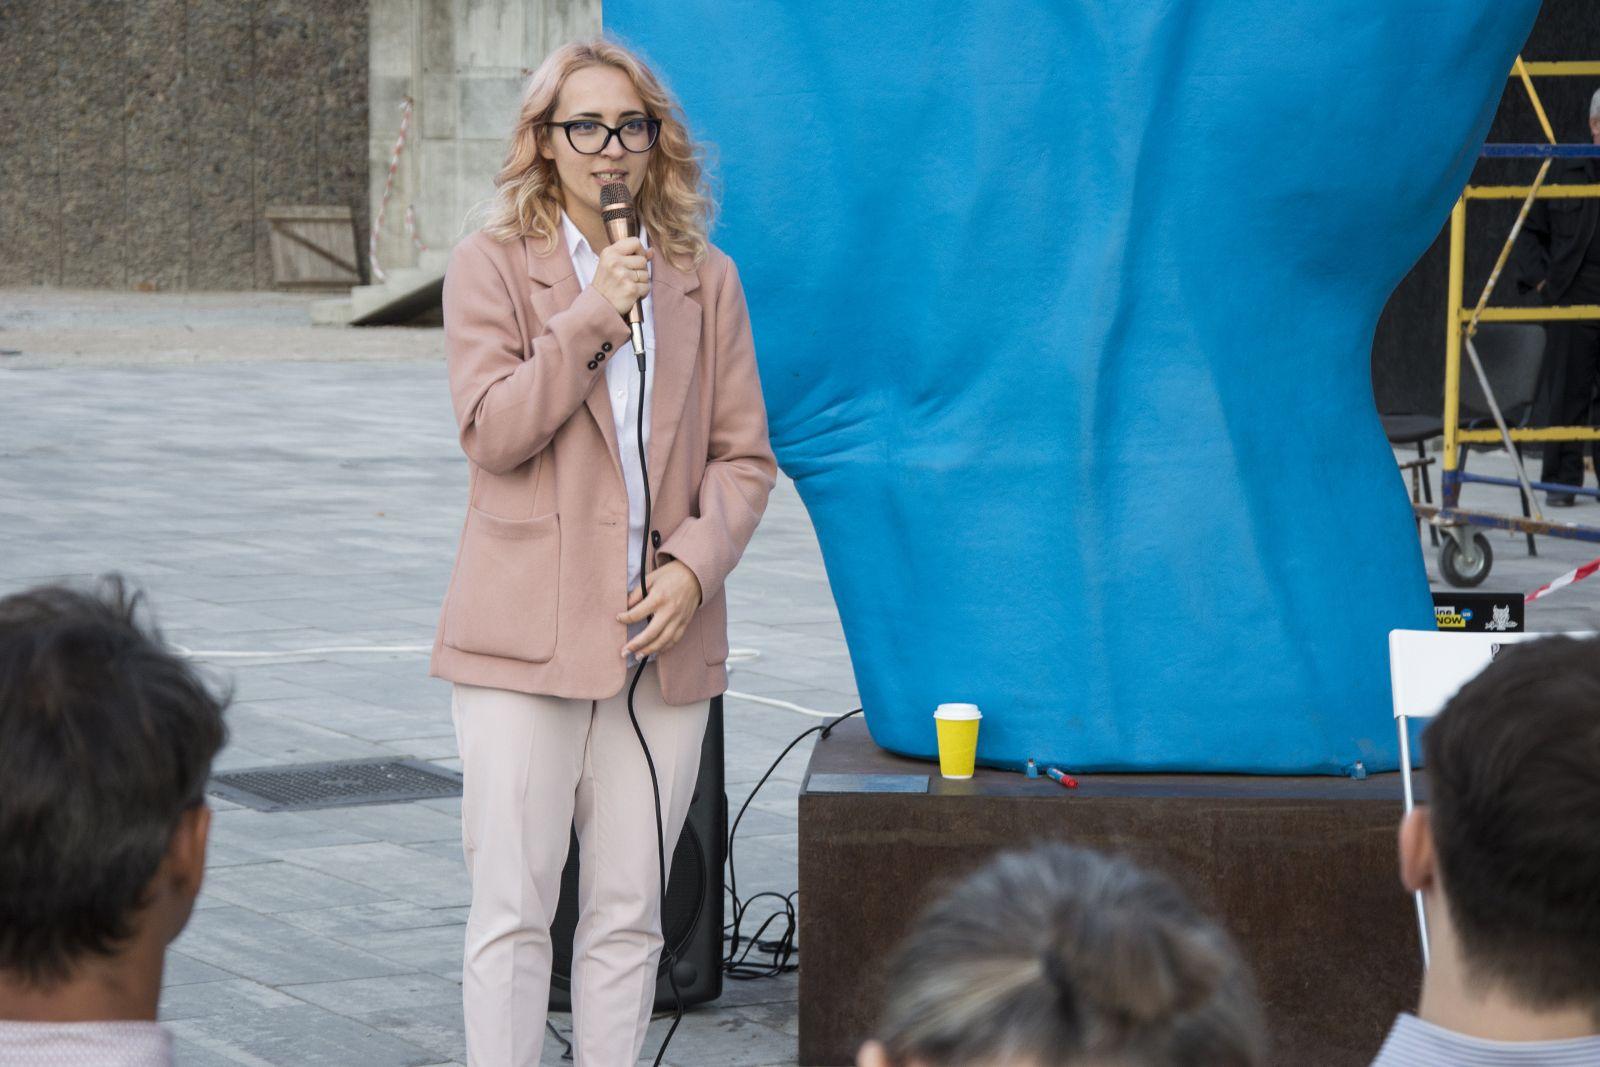 «Нам нужен скандал»: николаевцы под Синей рукой дискутировали о роли искусства в городском пространстве